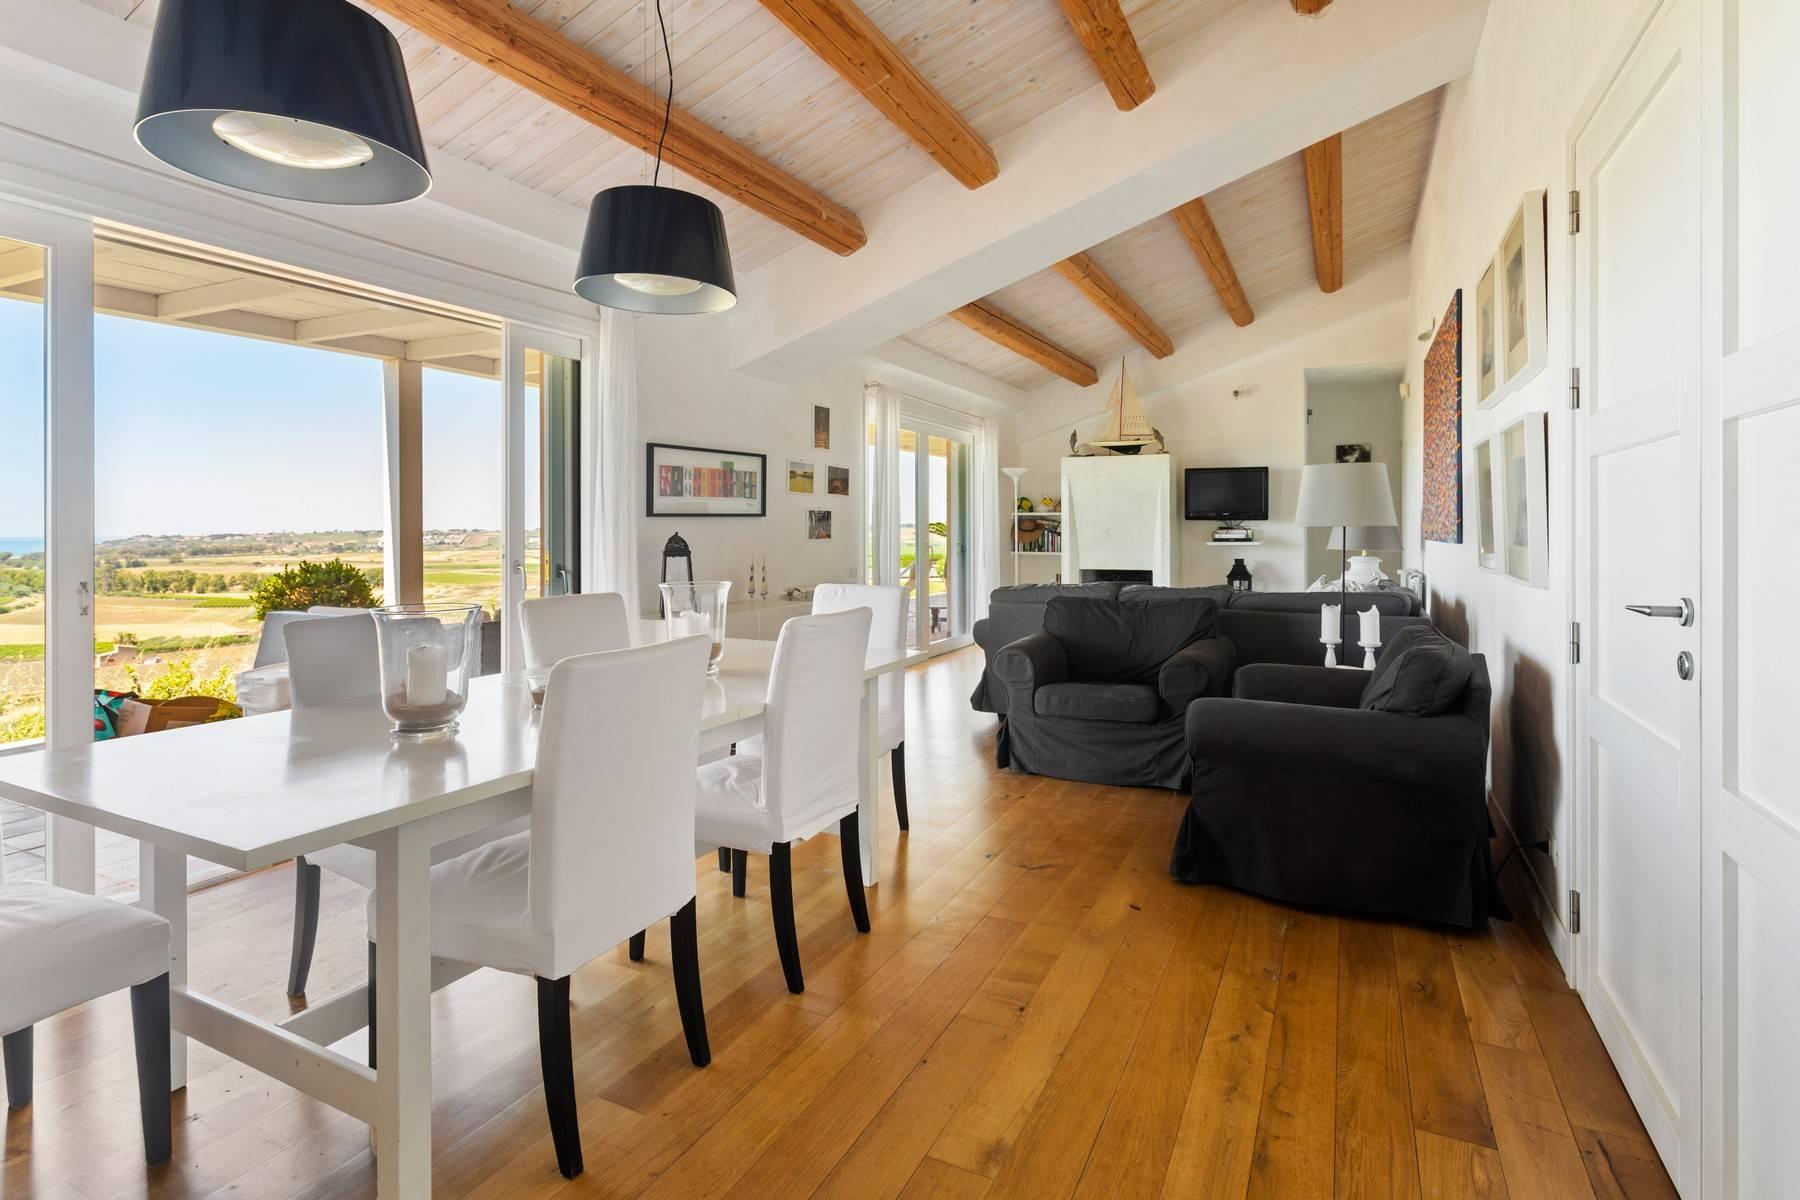 Villa in Vendita a Castelvetrano: 5 locali, 180 mq - Foto 14